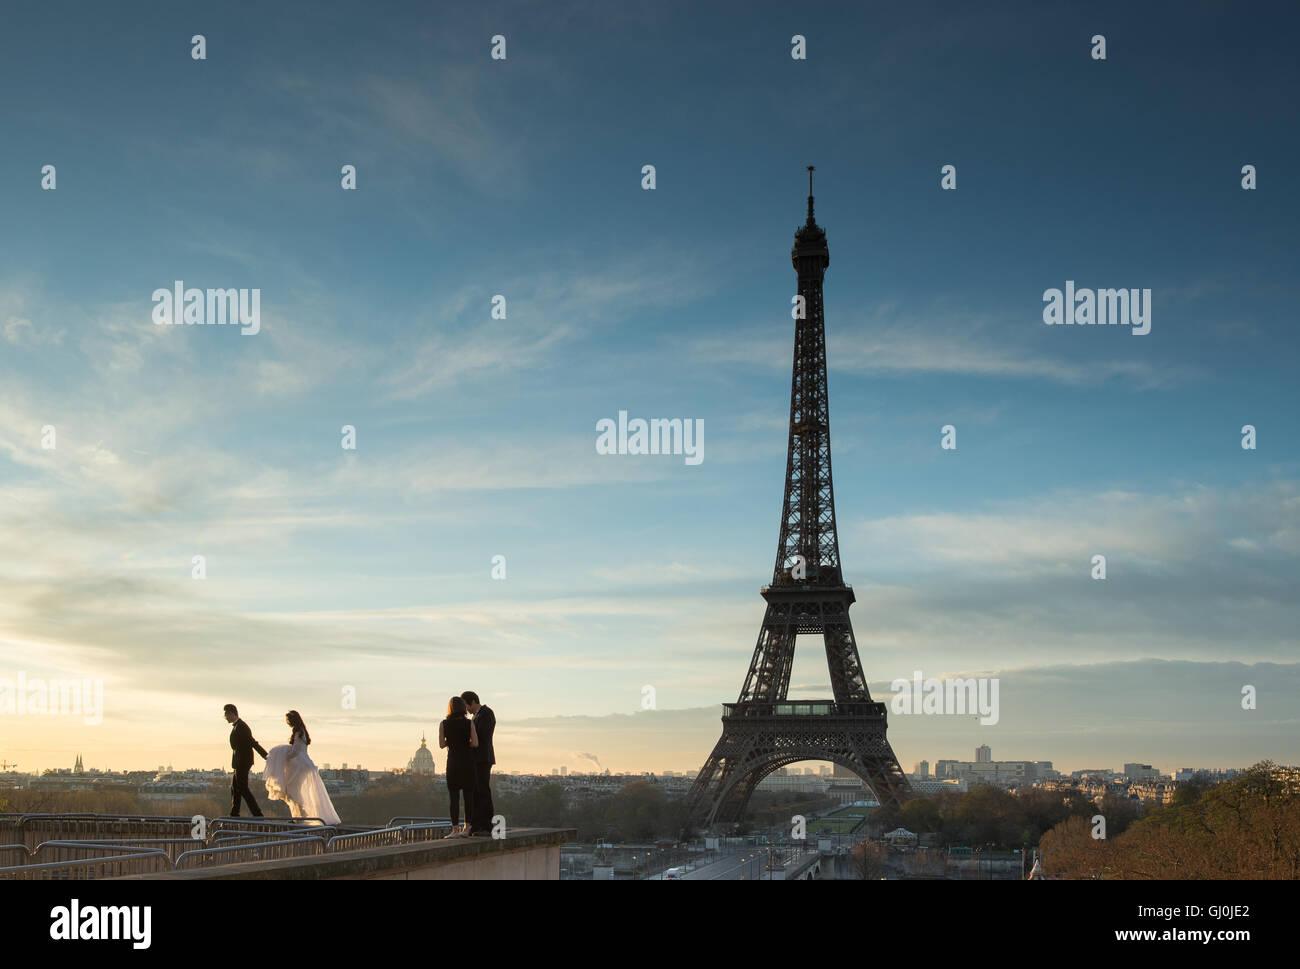 Fotografia di matrimonio presso il Palais de Chaillot con la torre Eiffel come sfondo, Parigi, Francia Immagini Stock